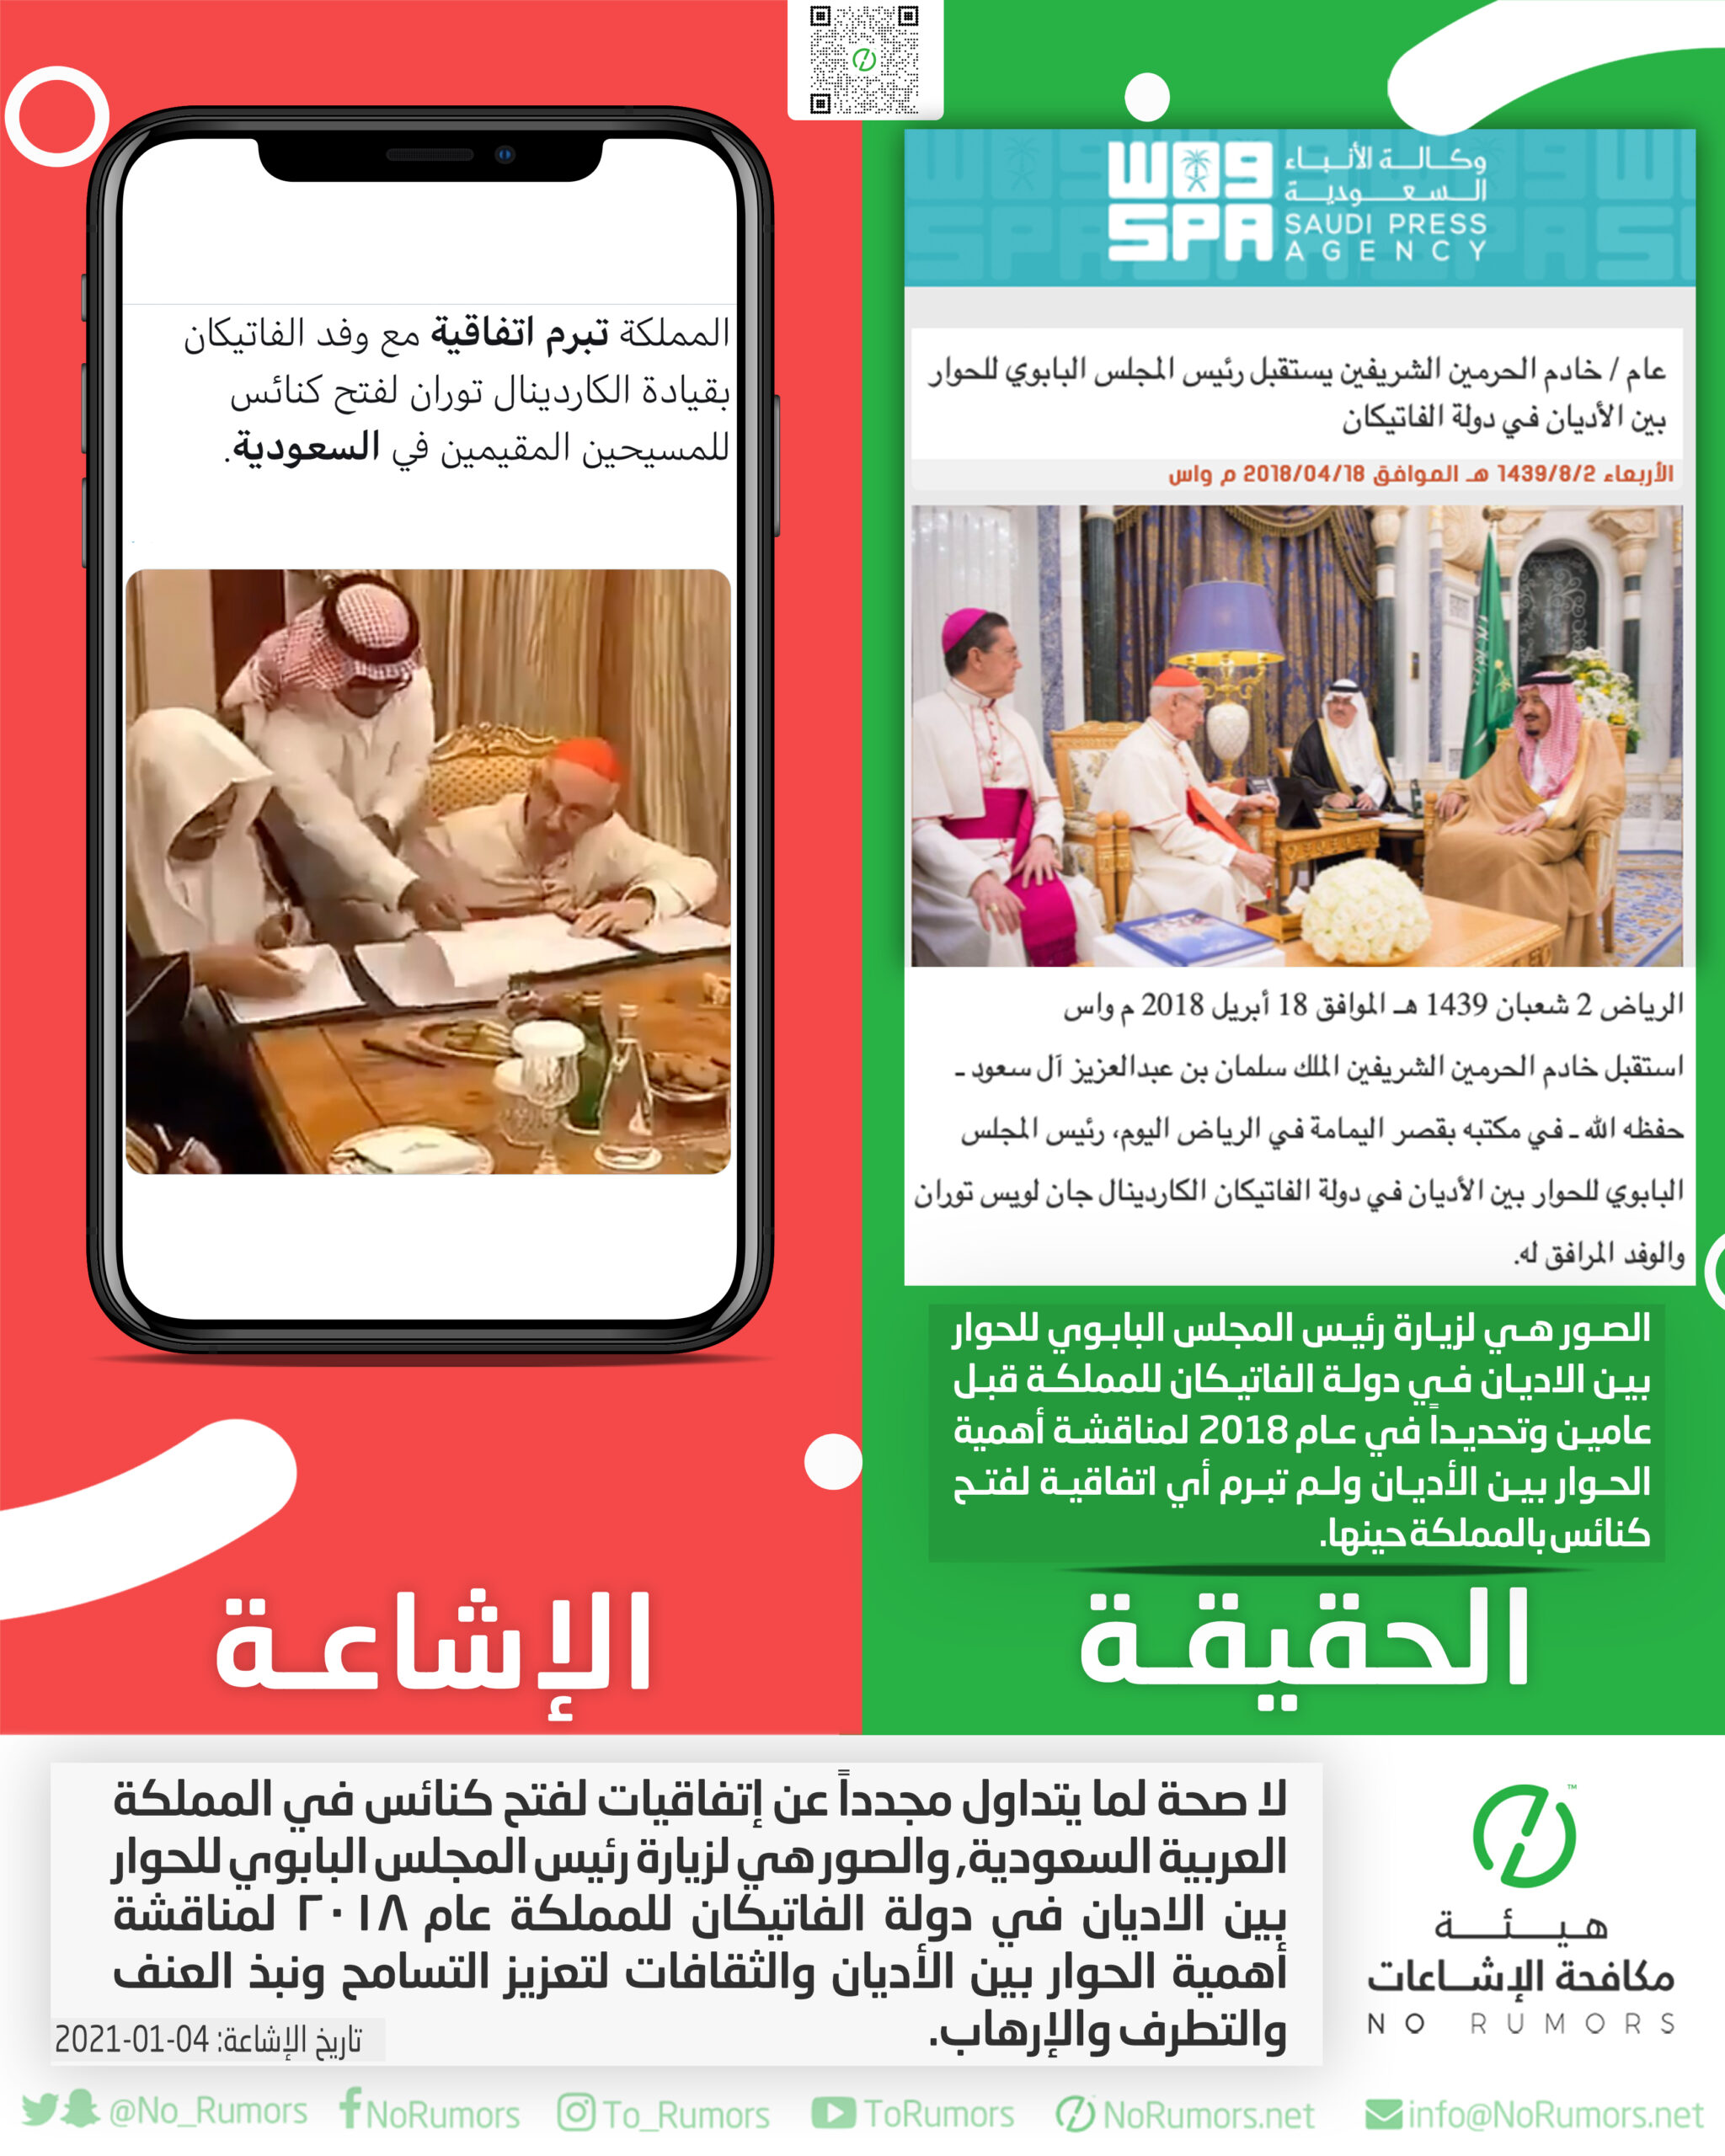 حقيقة إتفاقيات لفتح كنائس في المملكة العربية السعودية